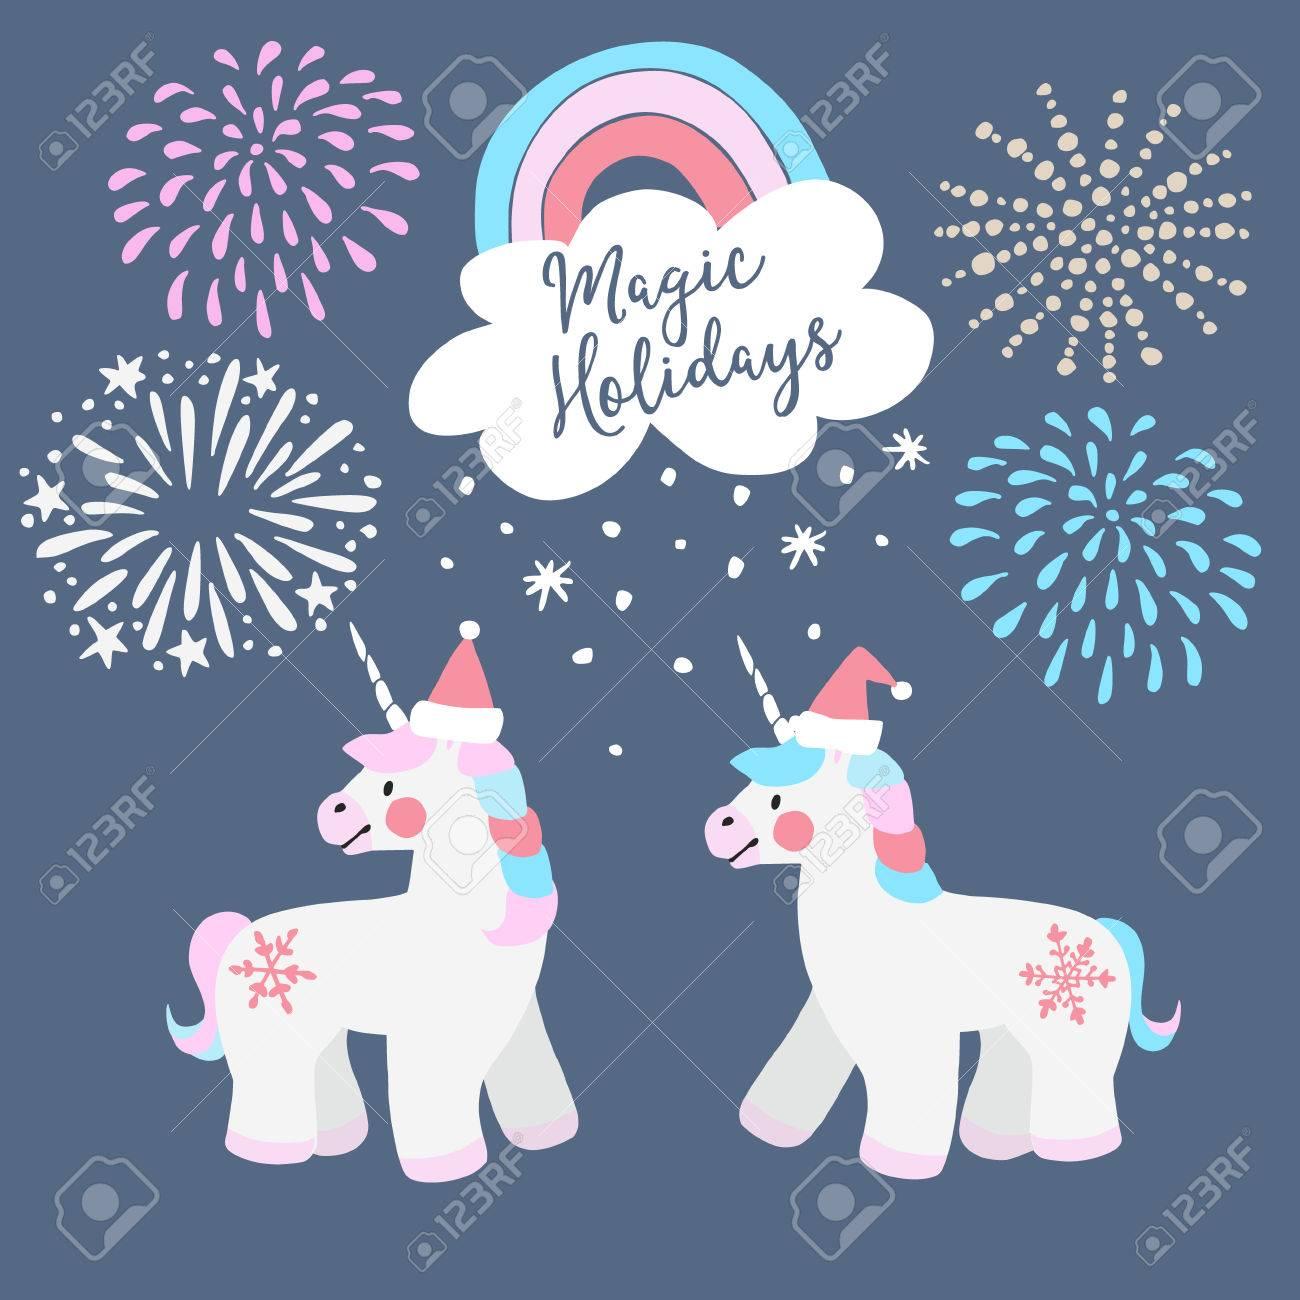 e226012e1f7a Carte De Voeux De Noël Mignon, Invitation. Petits Licornes Avec Chapeaux De Père  Noël, Arc En Ciel Et Des Chutes De Neige. éléments De Conte De Fées De Fête  ...